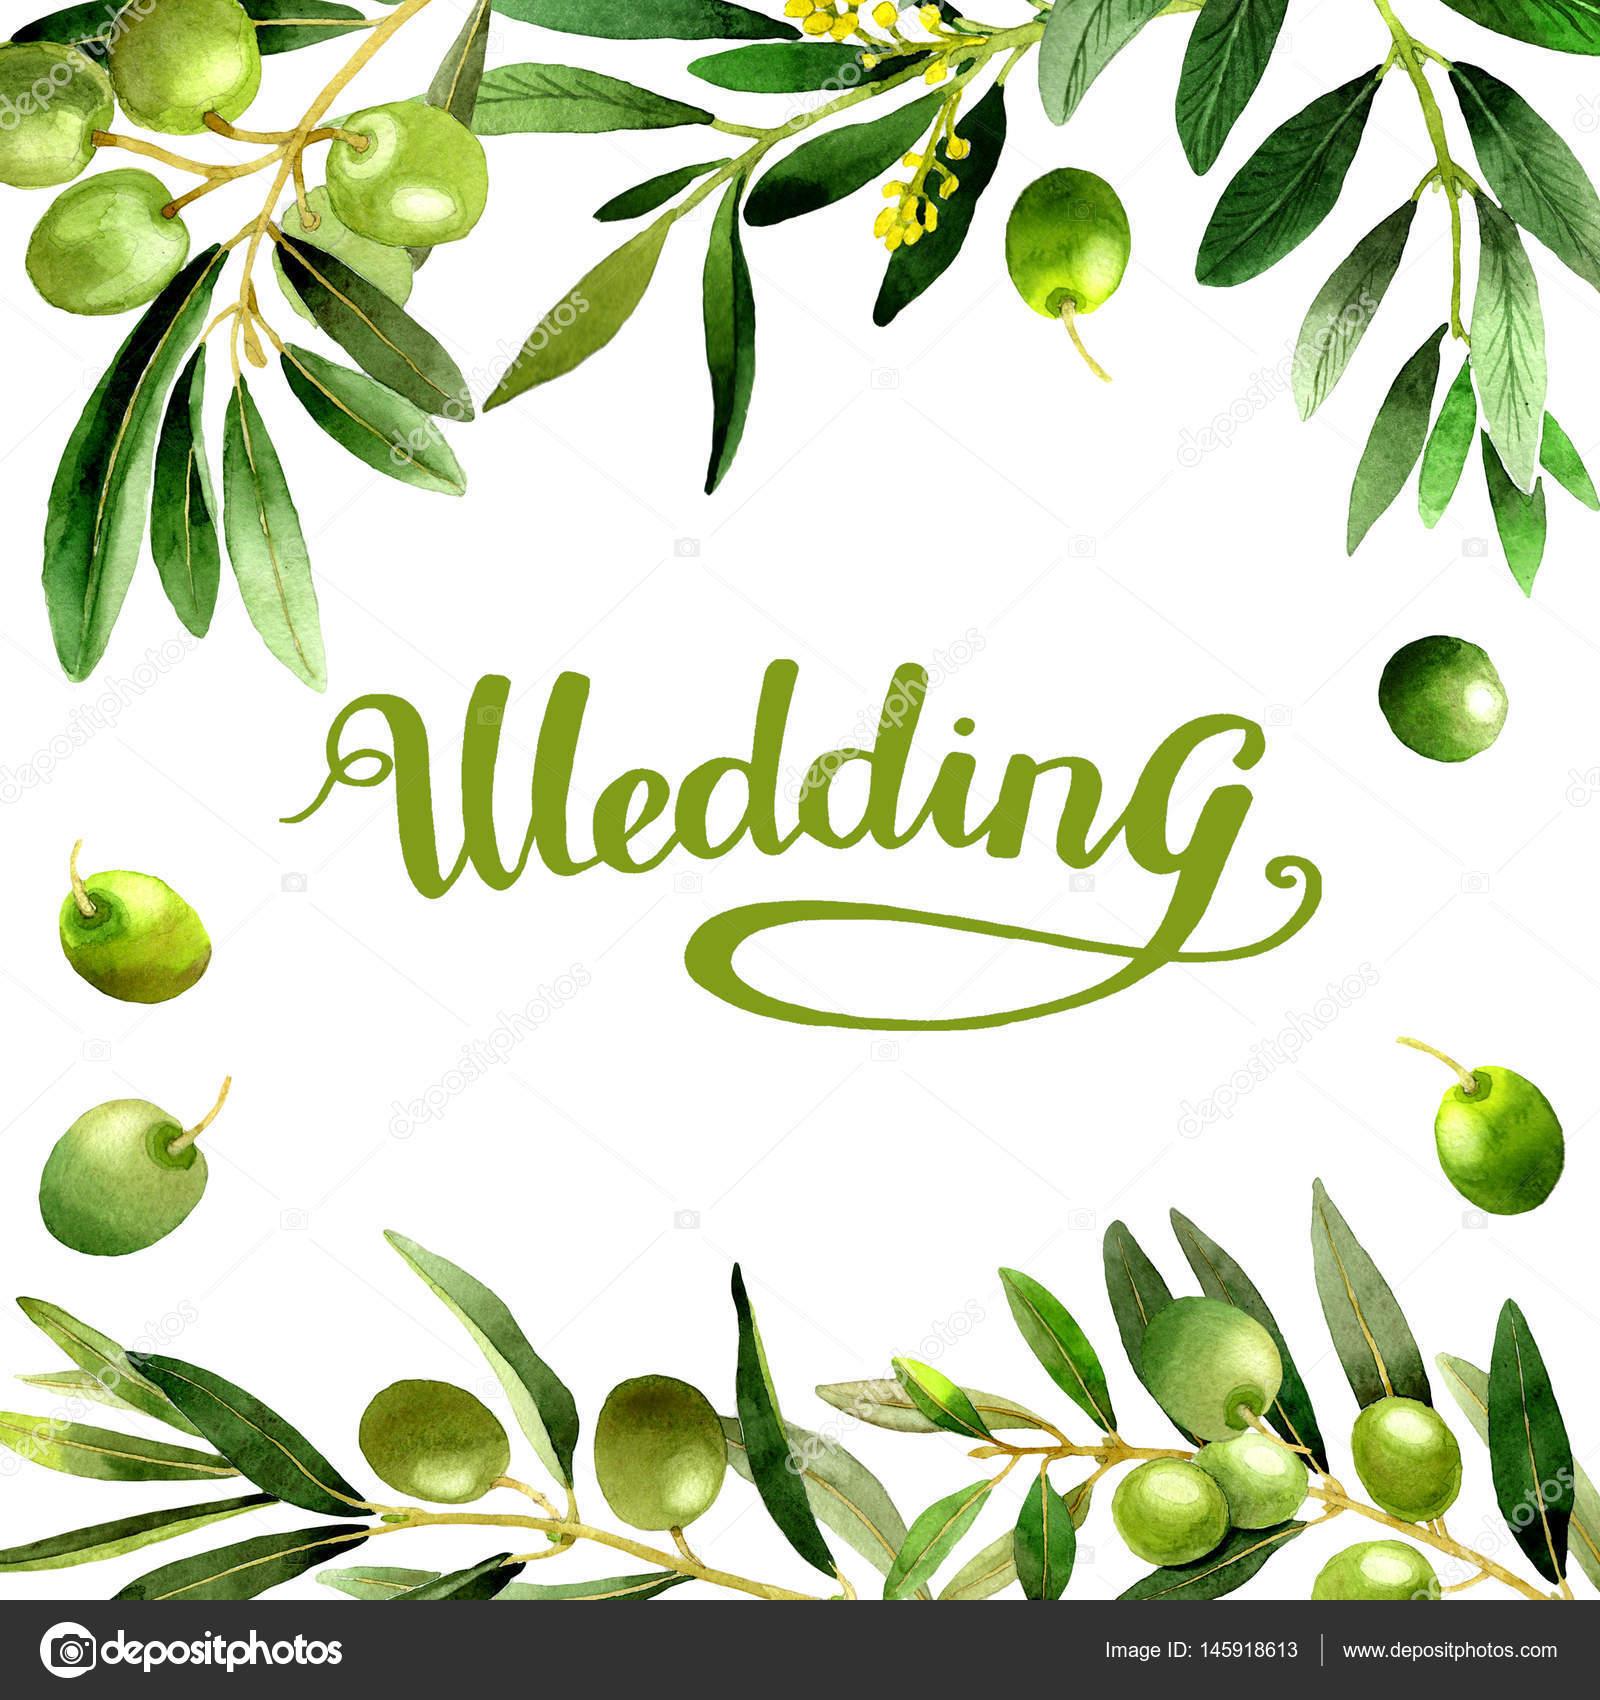 水彩画橄榄树为背景, 纹理, 包装模式, 框架或边框— 照片作者 my